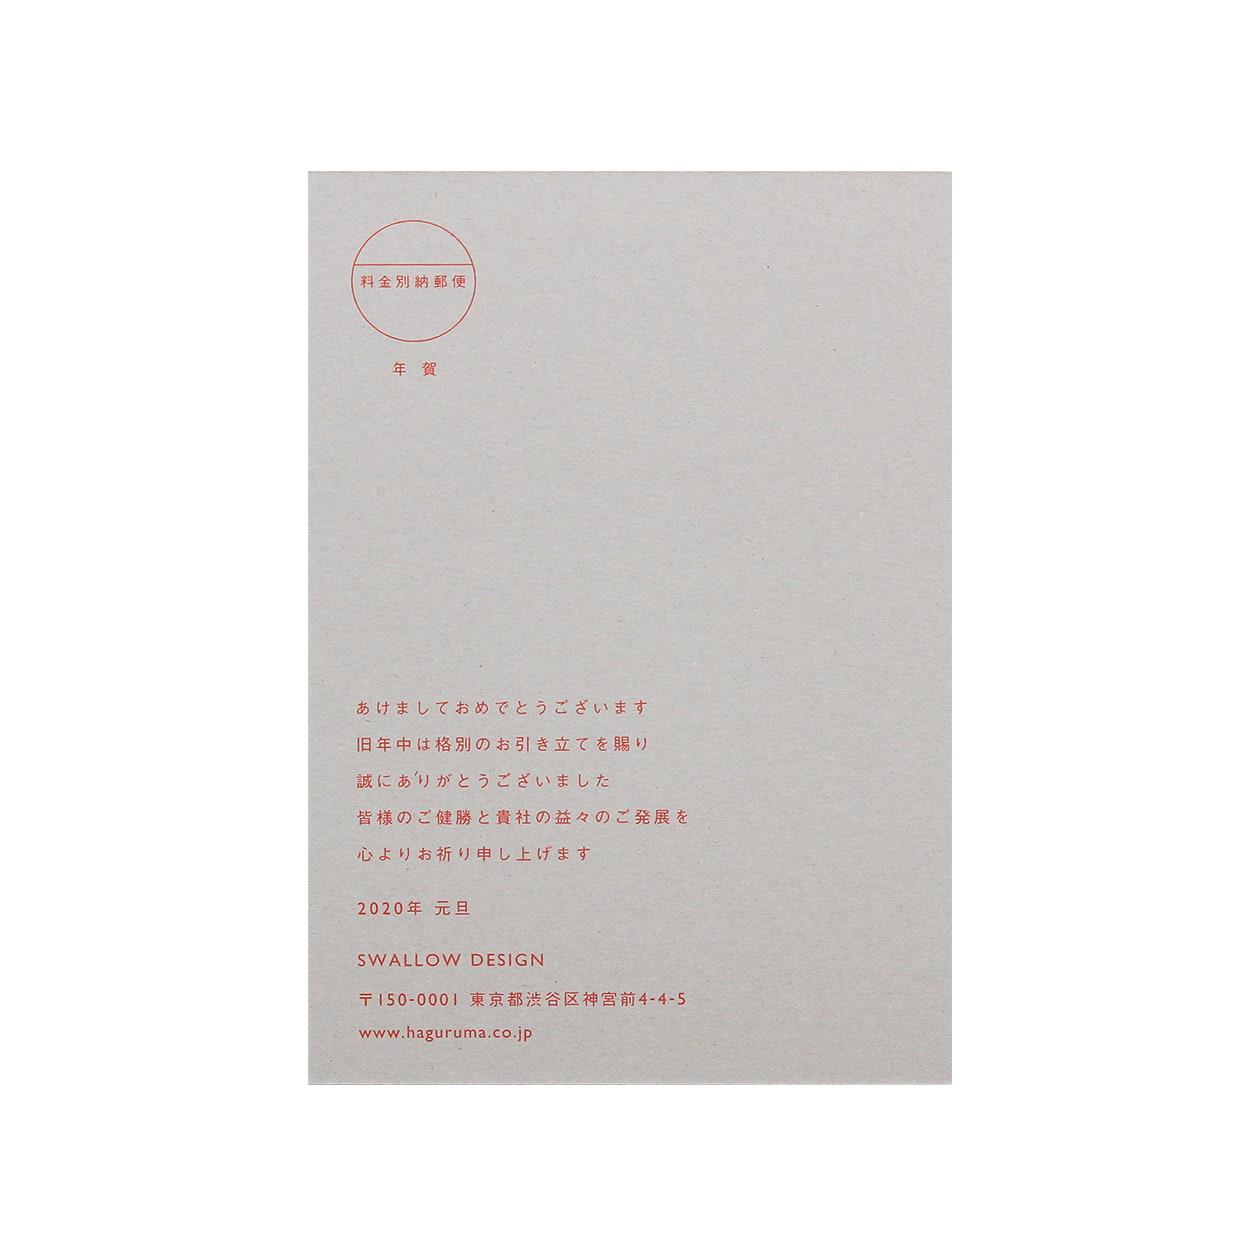 サンプル カード・シート 00385